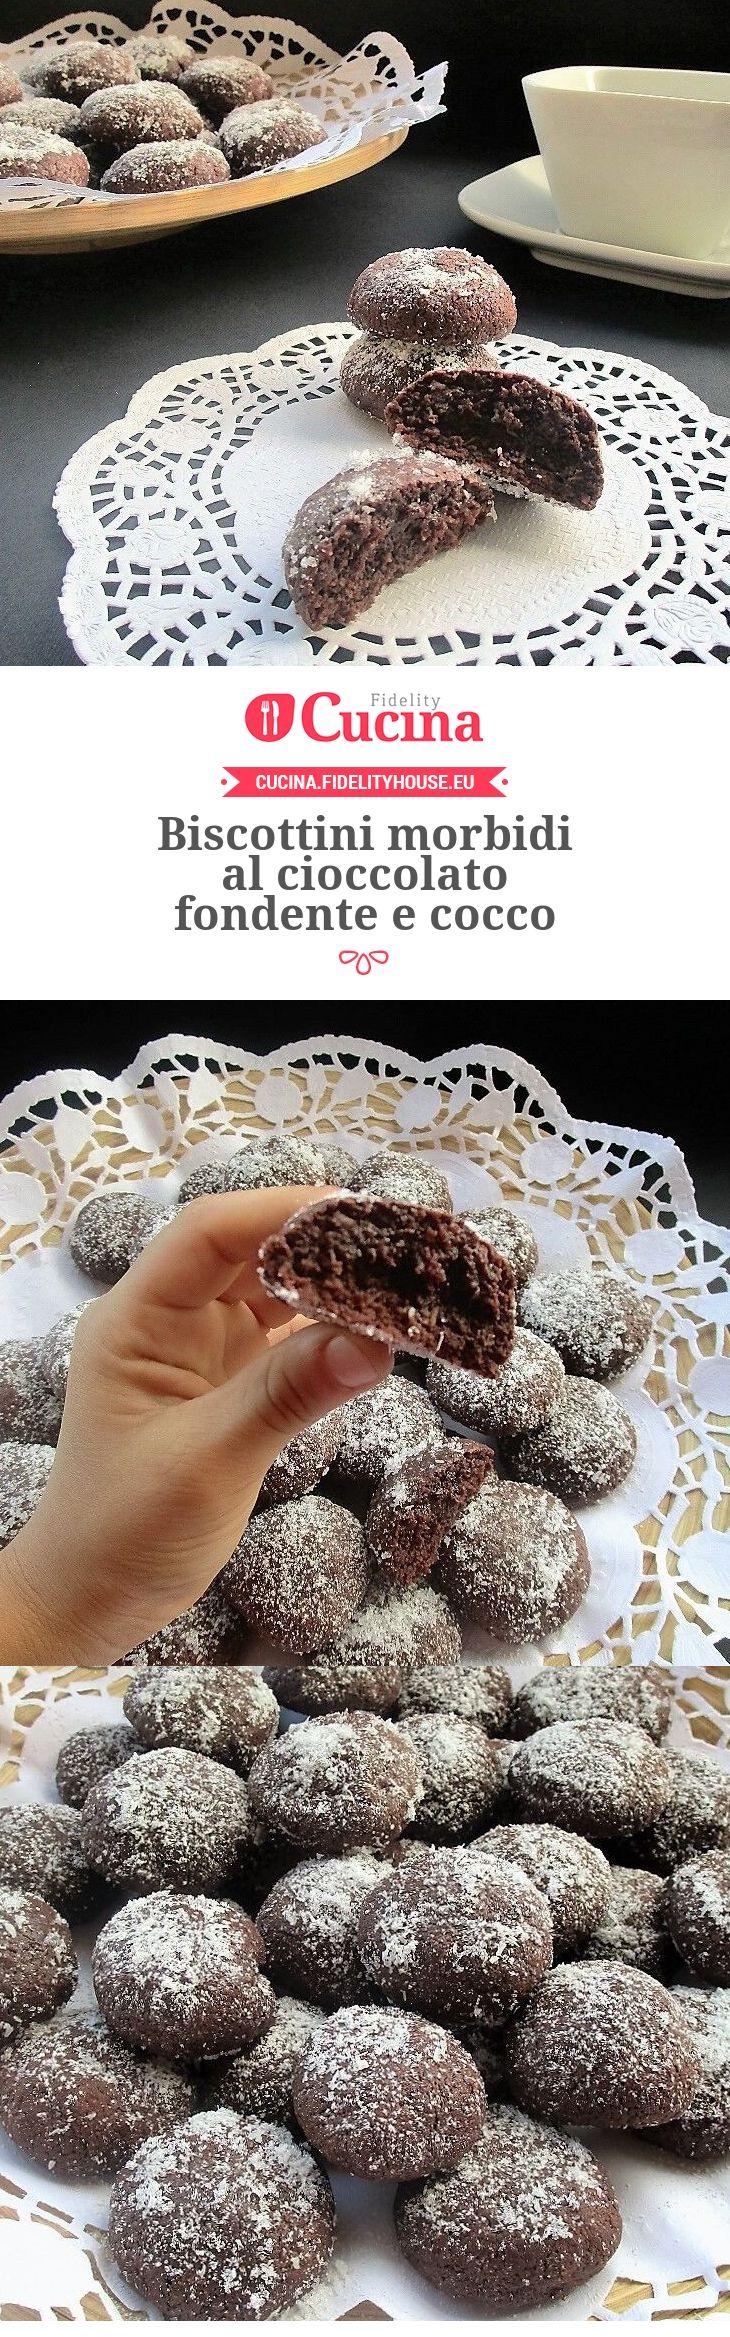 Biscottini morbidi al cioccolato fondente e cocco della nostra utente Sabrina. Unisciti alla nostra Community ed invia le tue ricette!